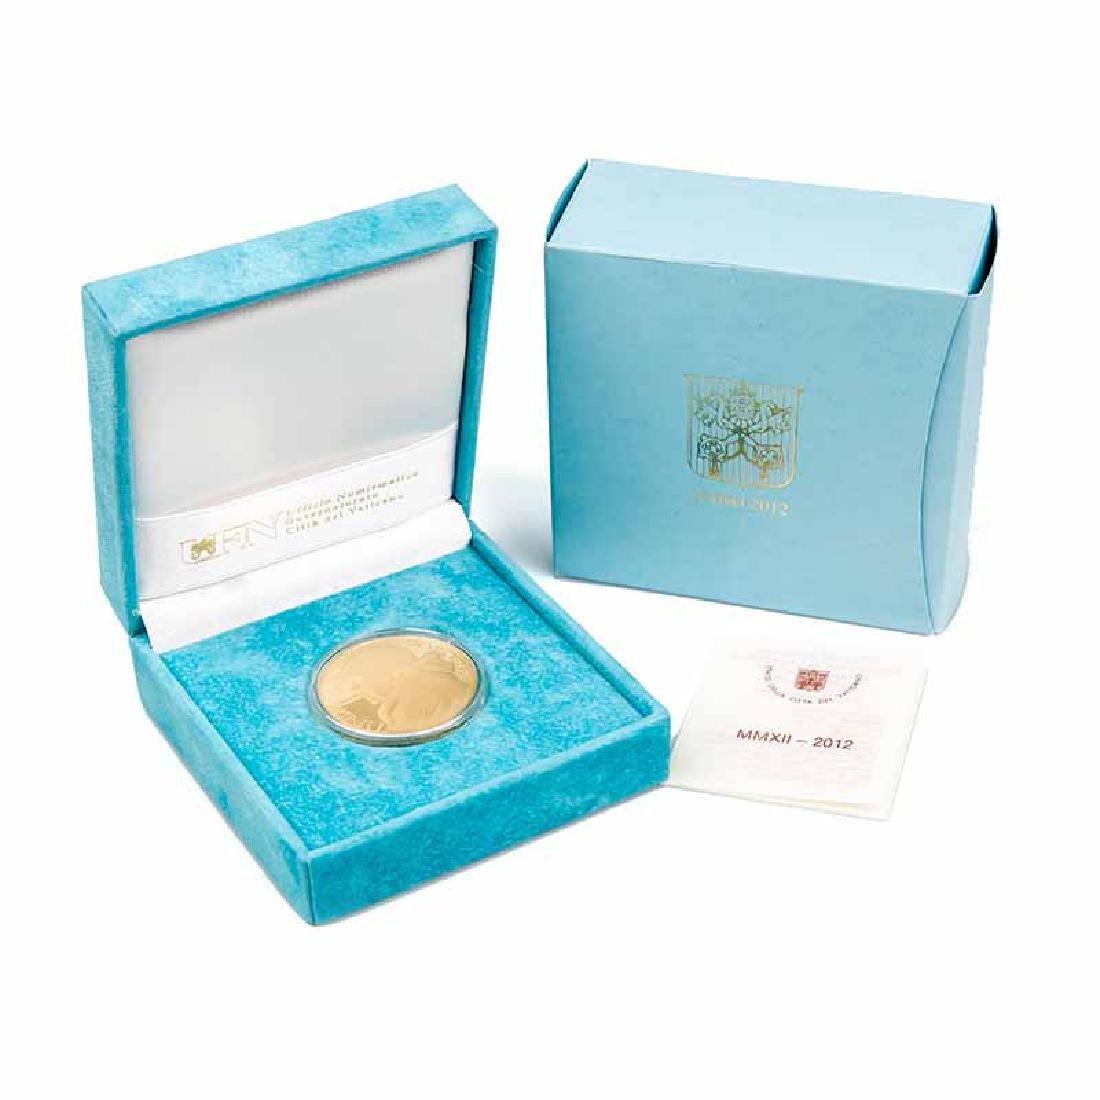 Vatican City 2012 100 Euro Gold Coin